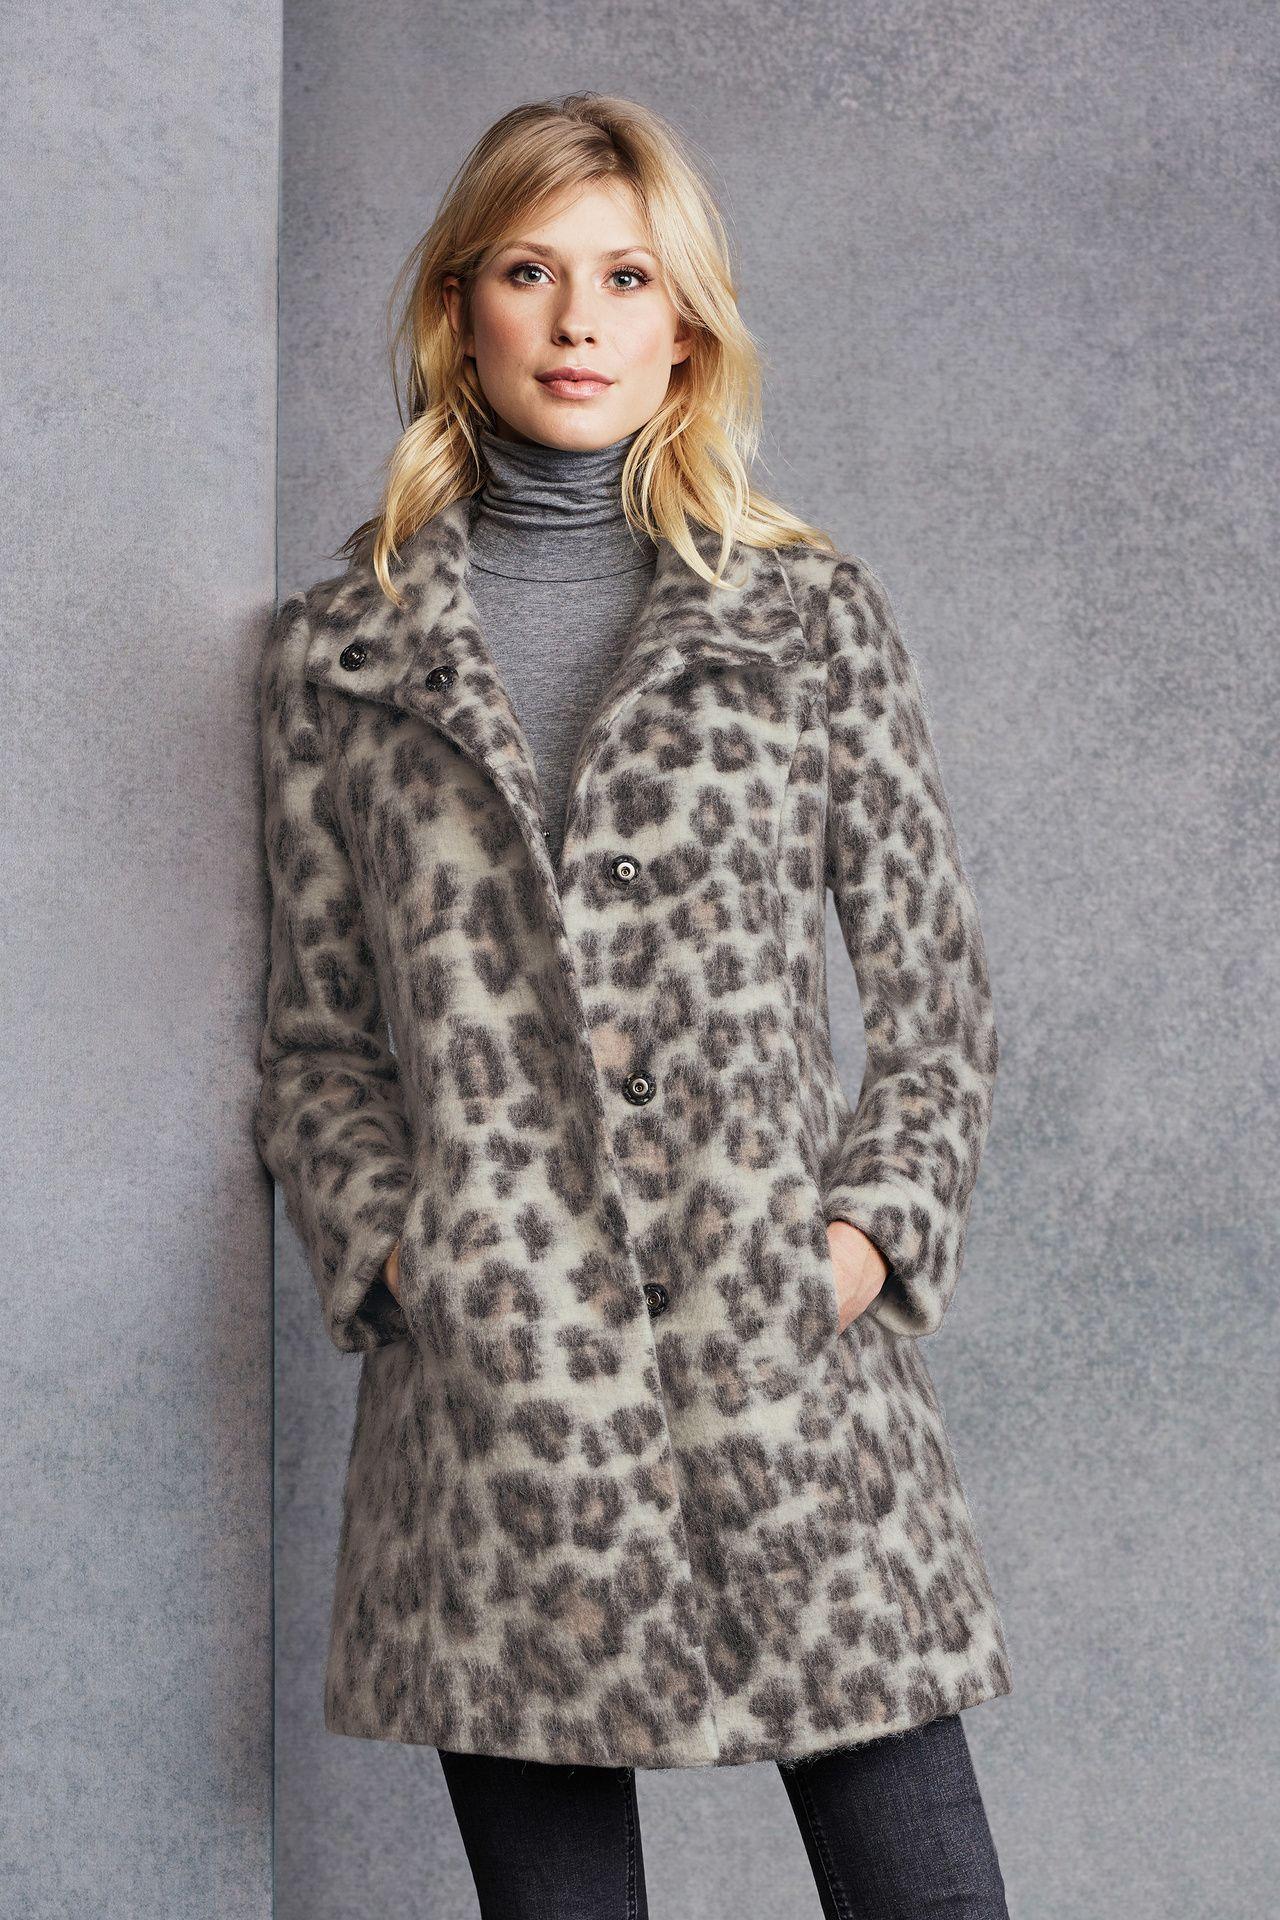 Winterjas Tijgerprint.Jas Met Panterprint Fw17 18 Panter Leopard Print Fur Coat